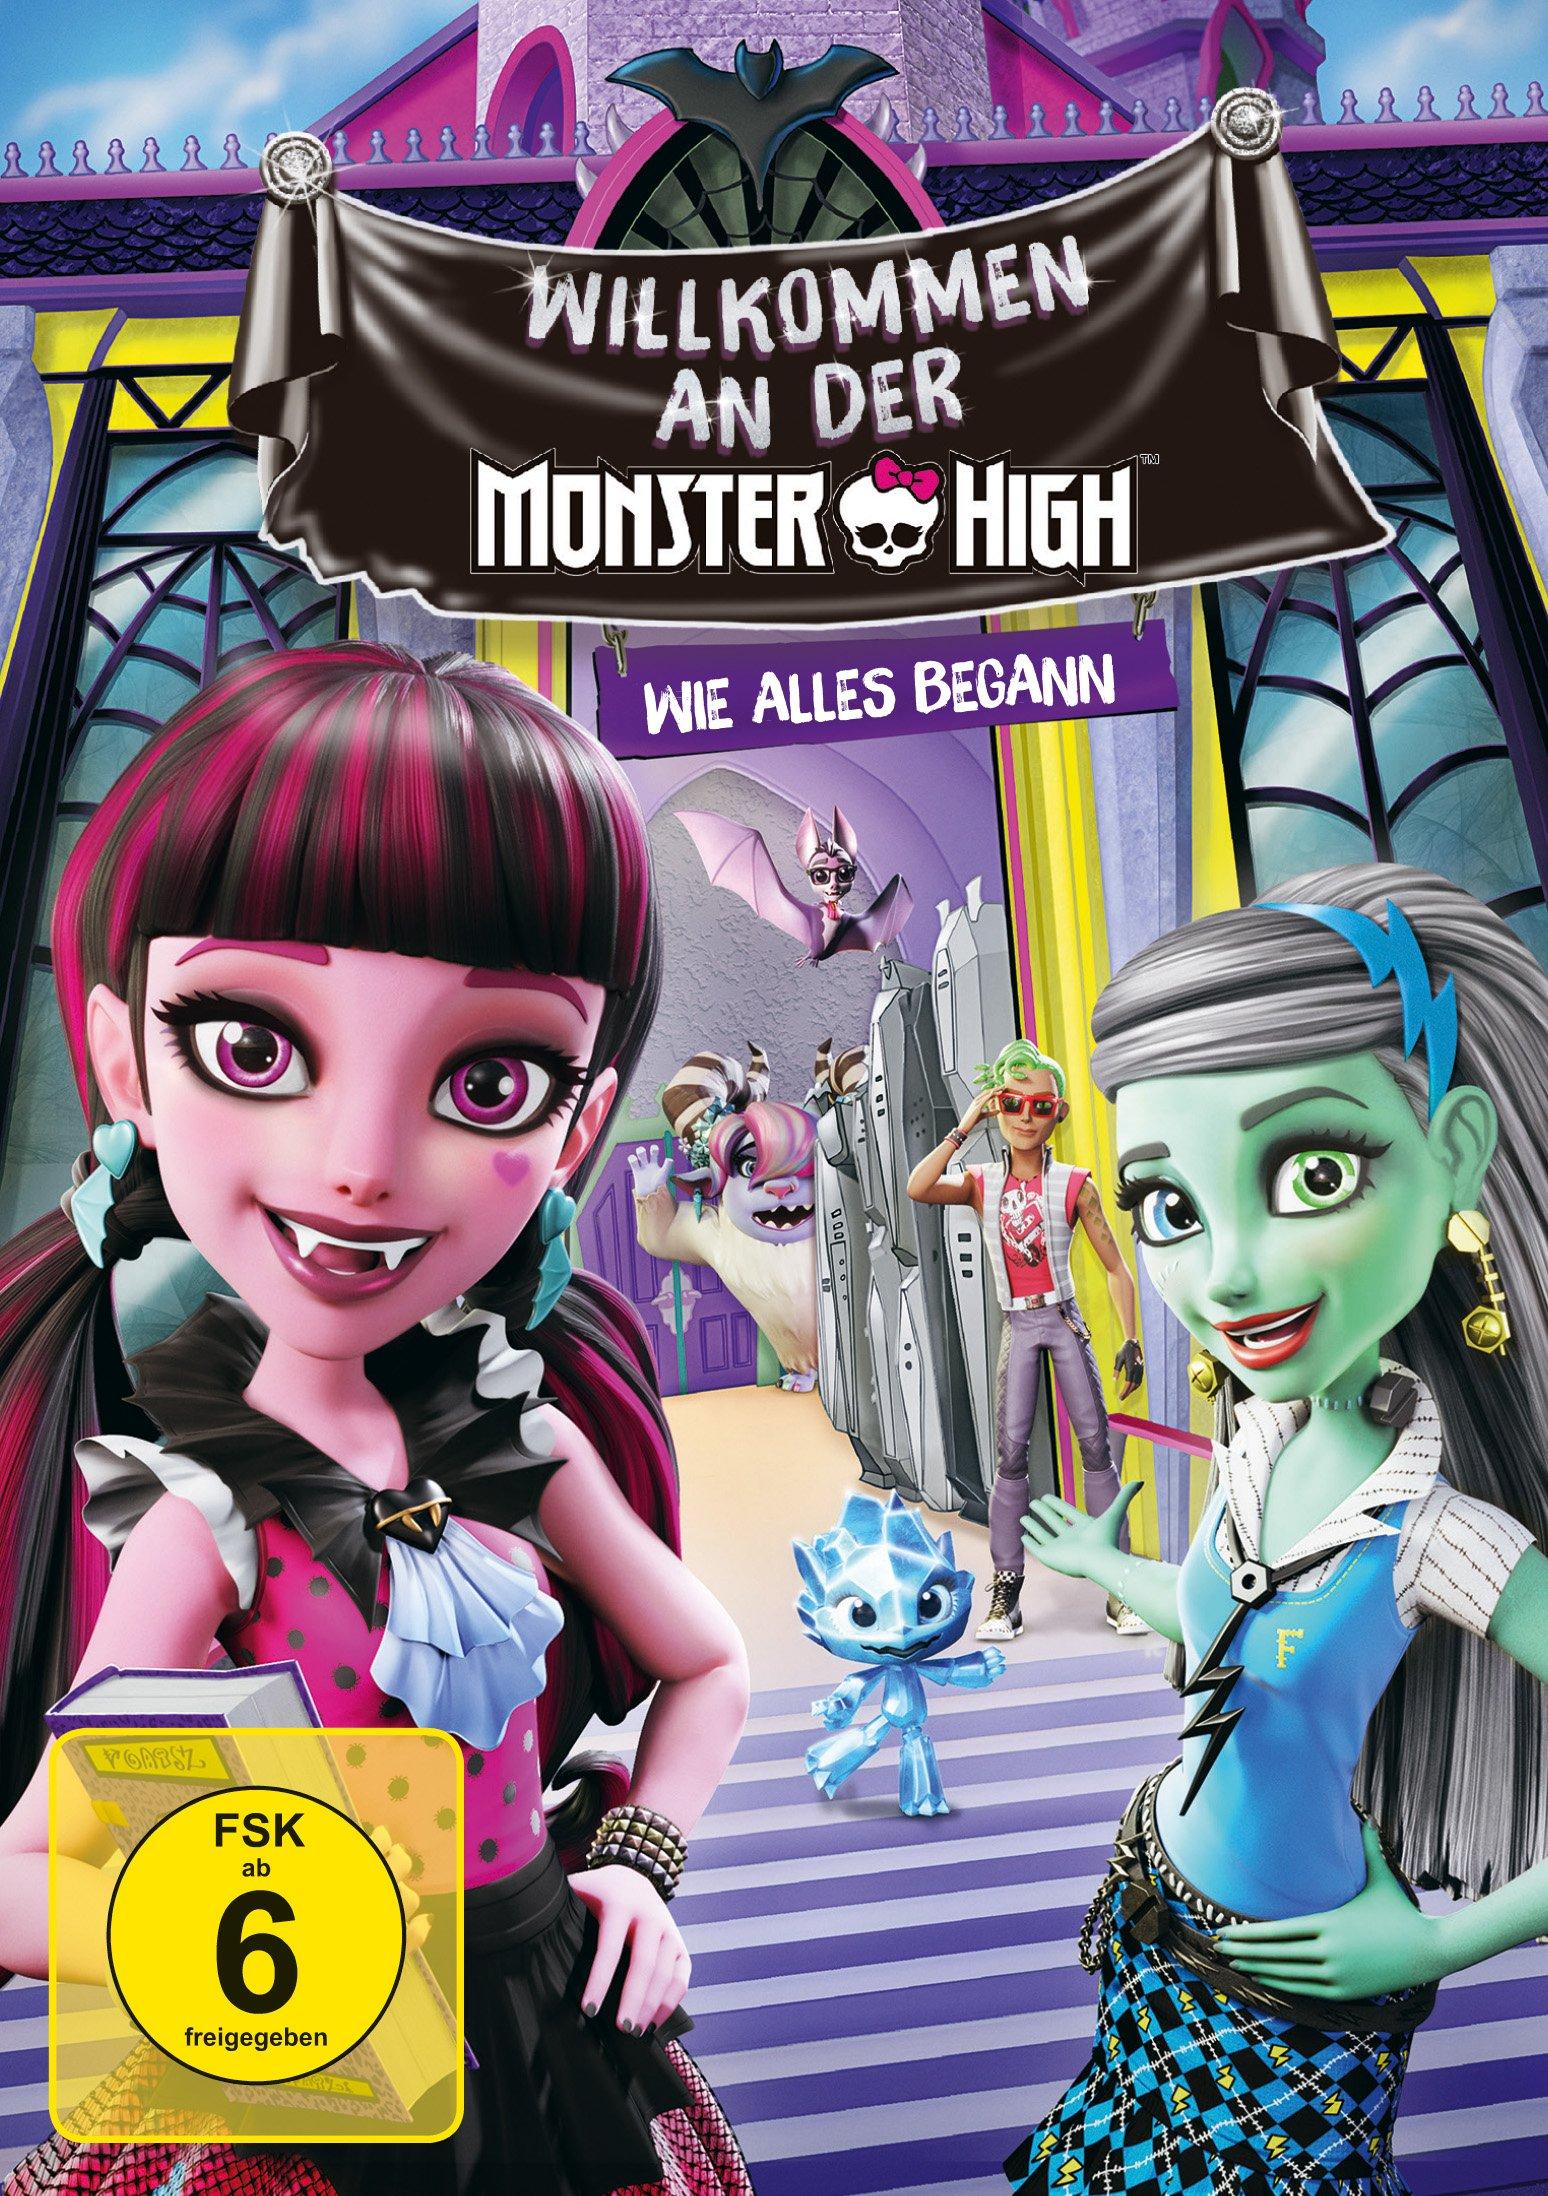 : Monster High Willkommen an der Monster High German 2016 Ac3 Dvdrip x264-iMperiUm